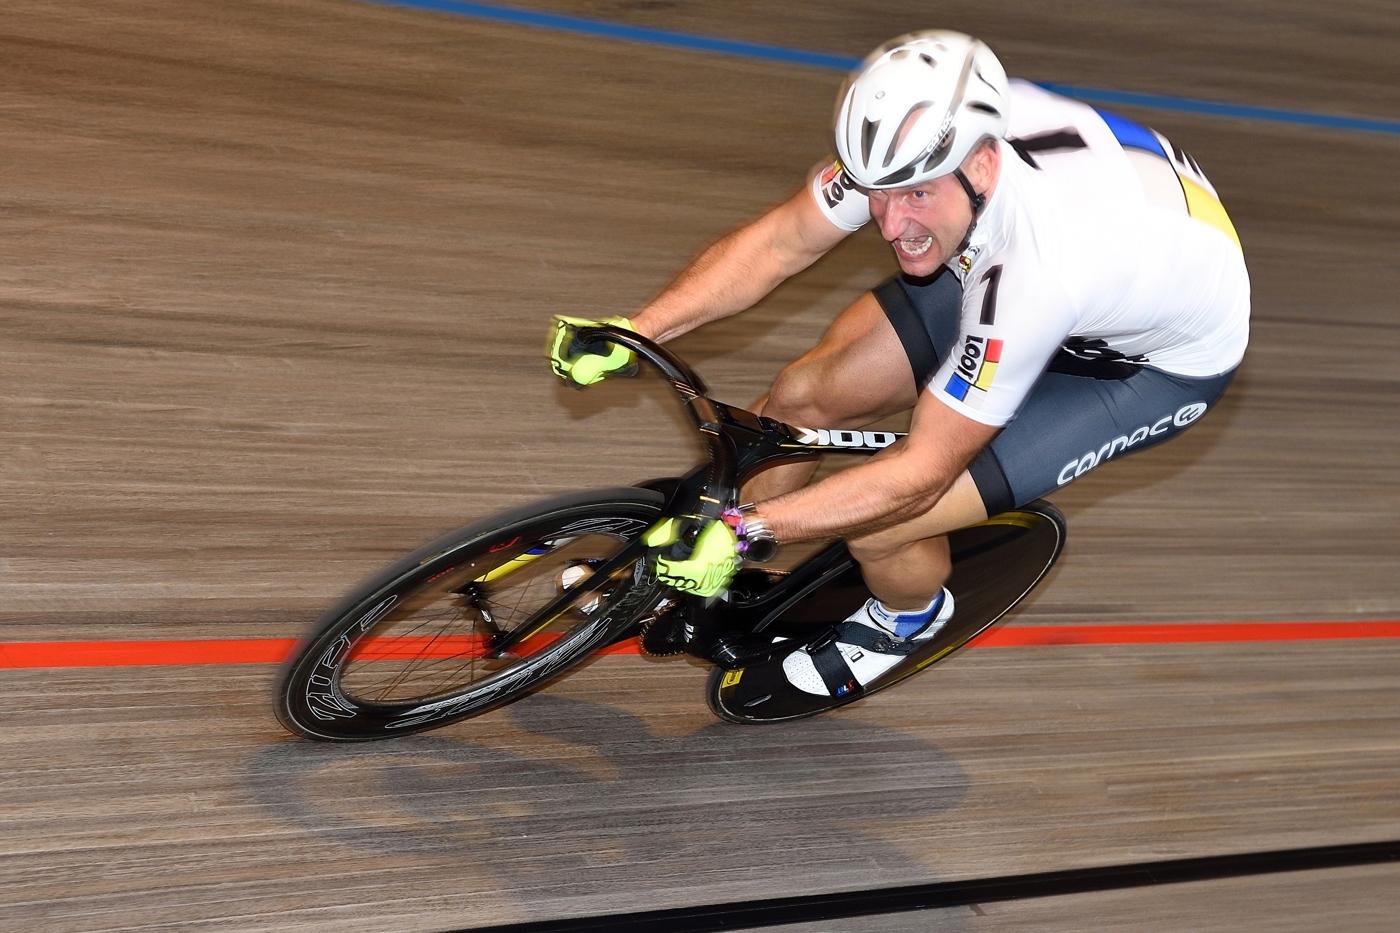 Urkunde: Radsport | © Rainer Busch